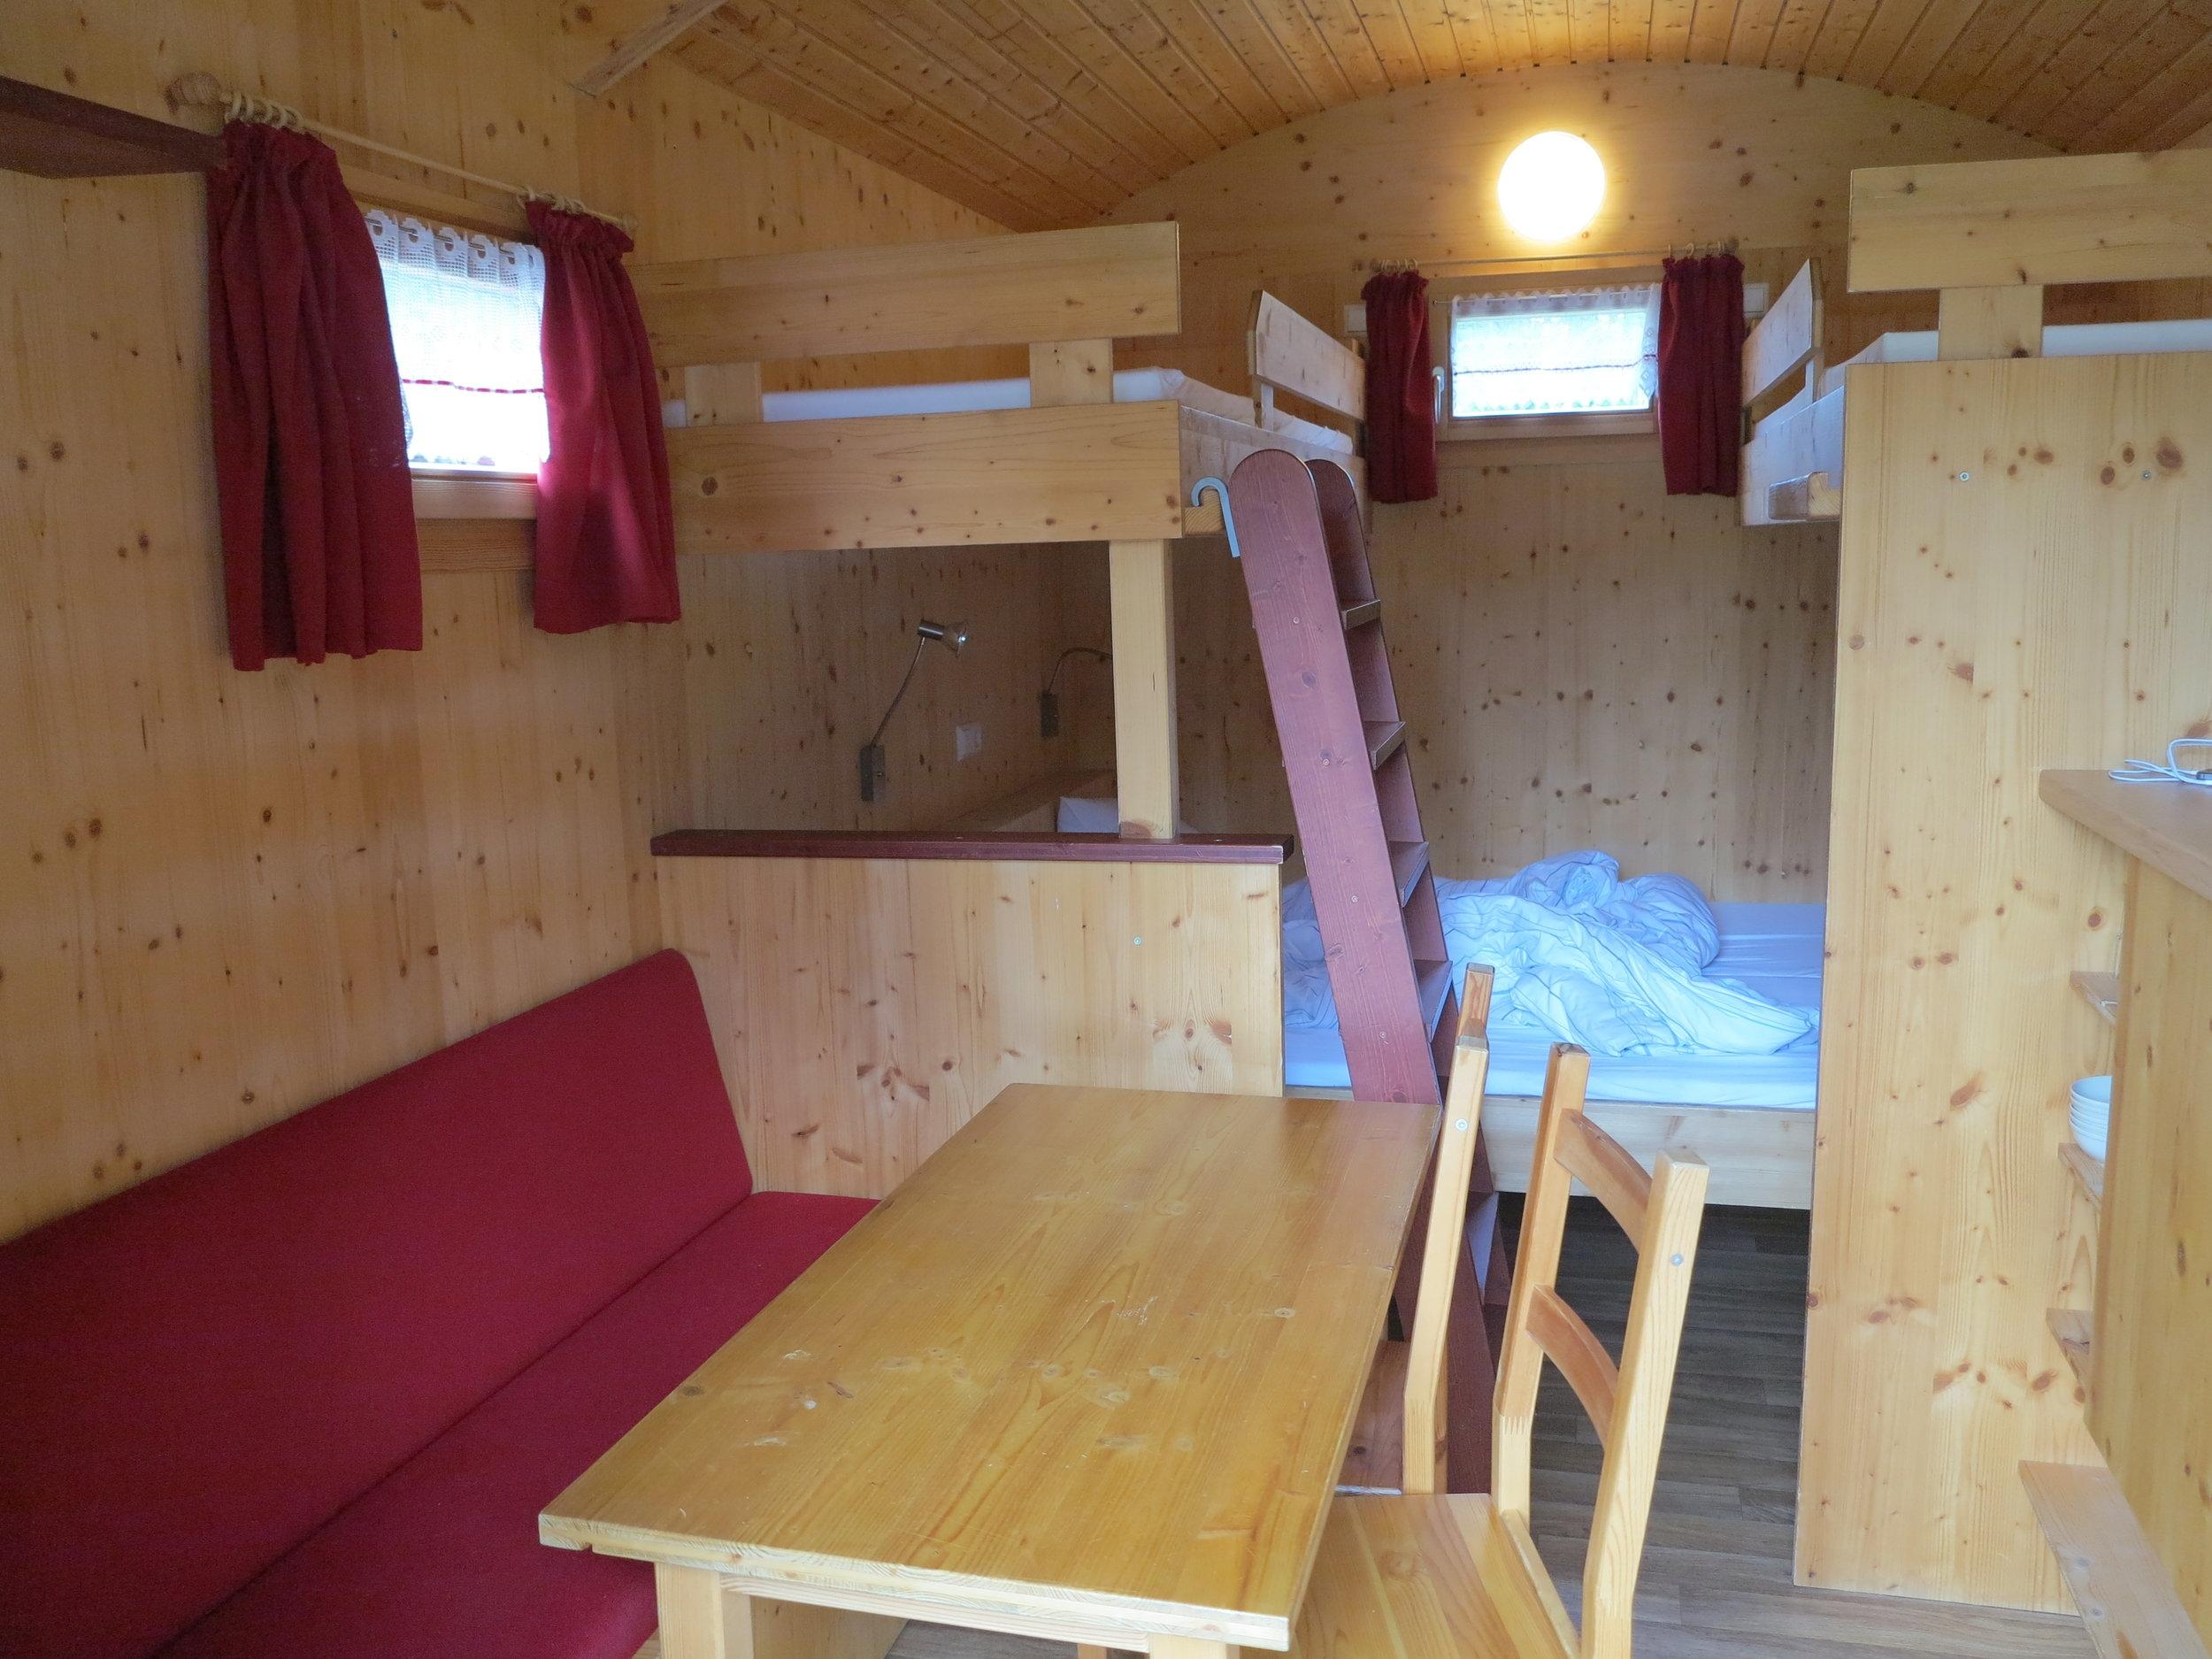 Kuschelige Einrichtung aus Holz - mit Esstisch, Schlafkoje und zwei Hochbetten